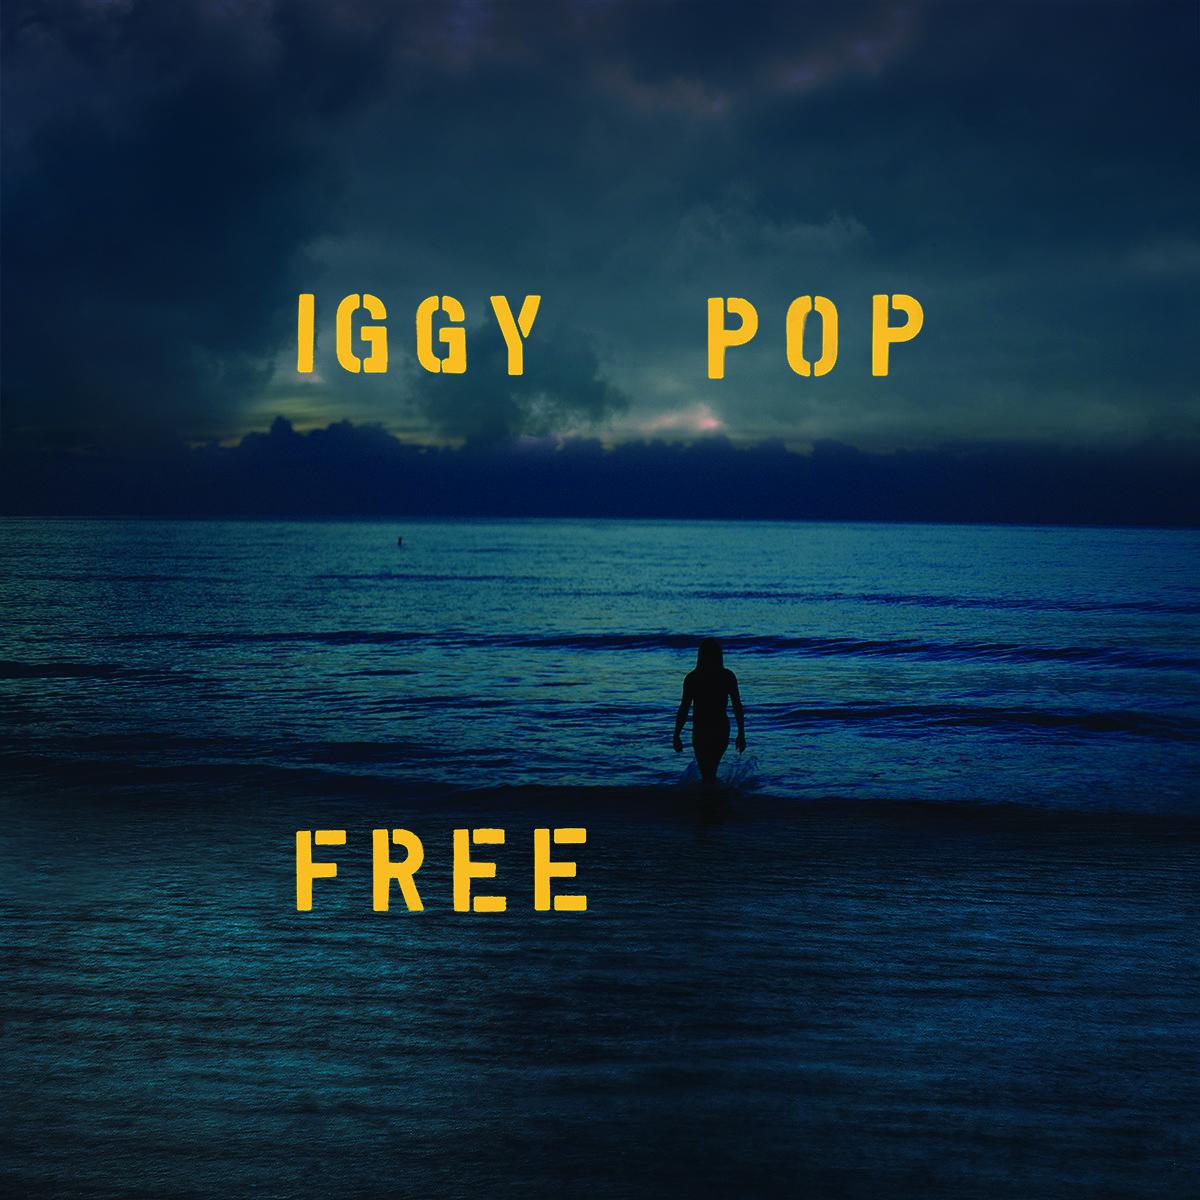 Iggy Pop new album Free